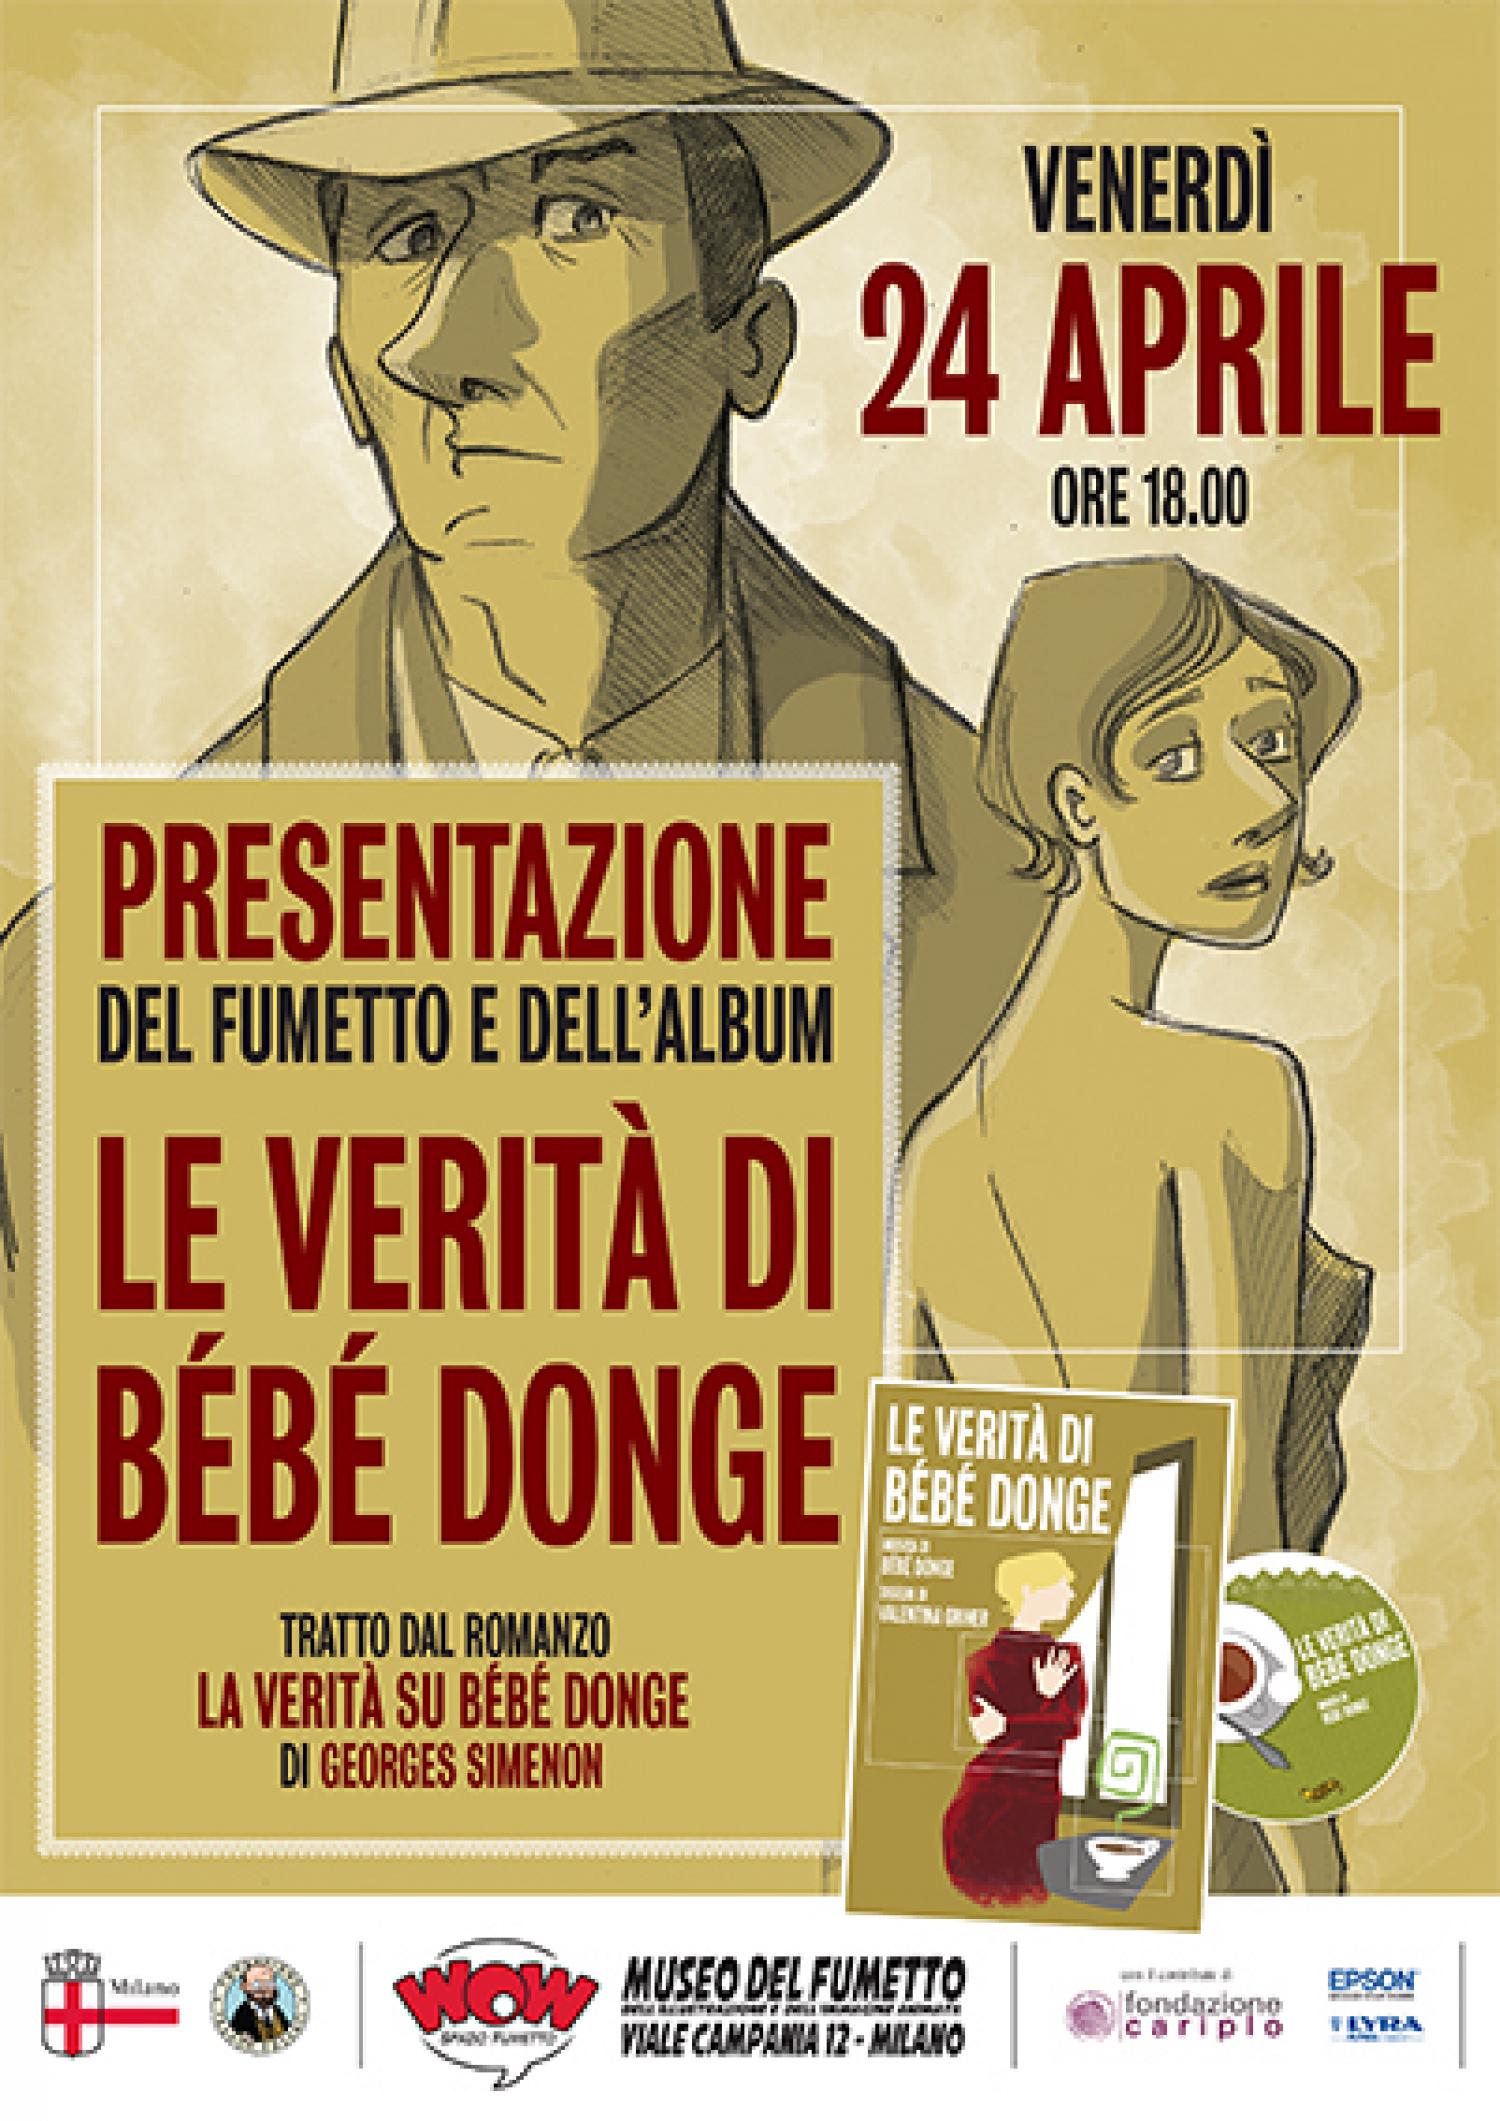 <p>Il collettivo romano B&eacute;b&eacute; Donge ha interpretato a modo proprio il romanzo di Georges Simenon &ldquo;Le verit&agrave; di B&eacute;b&eacute; Donge&rdquo; da cui prende il nome. Il risultato sono un disco e un fumetto molto particolari, dalle sonorit&agrave; e dal tratto un po&#39; retro, che verranno presentati venerd&igrave; 24 aprile alle ore 18:00 a WOW Spazio Fumetto. All&#39;incontro sar&agrave; presente la disegnatrice Valentina Griner, autrice del fumetto, che racconter&agrave; i dietro le quinte di questo progetto cos&igrave; particolare.</p>